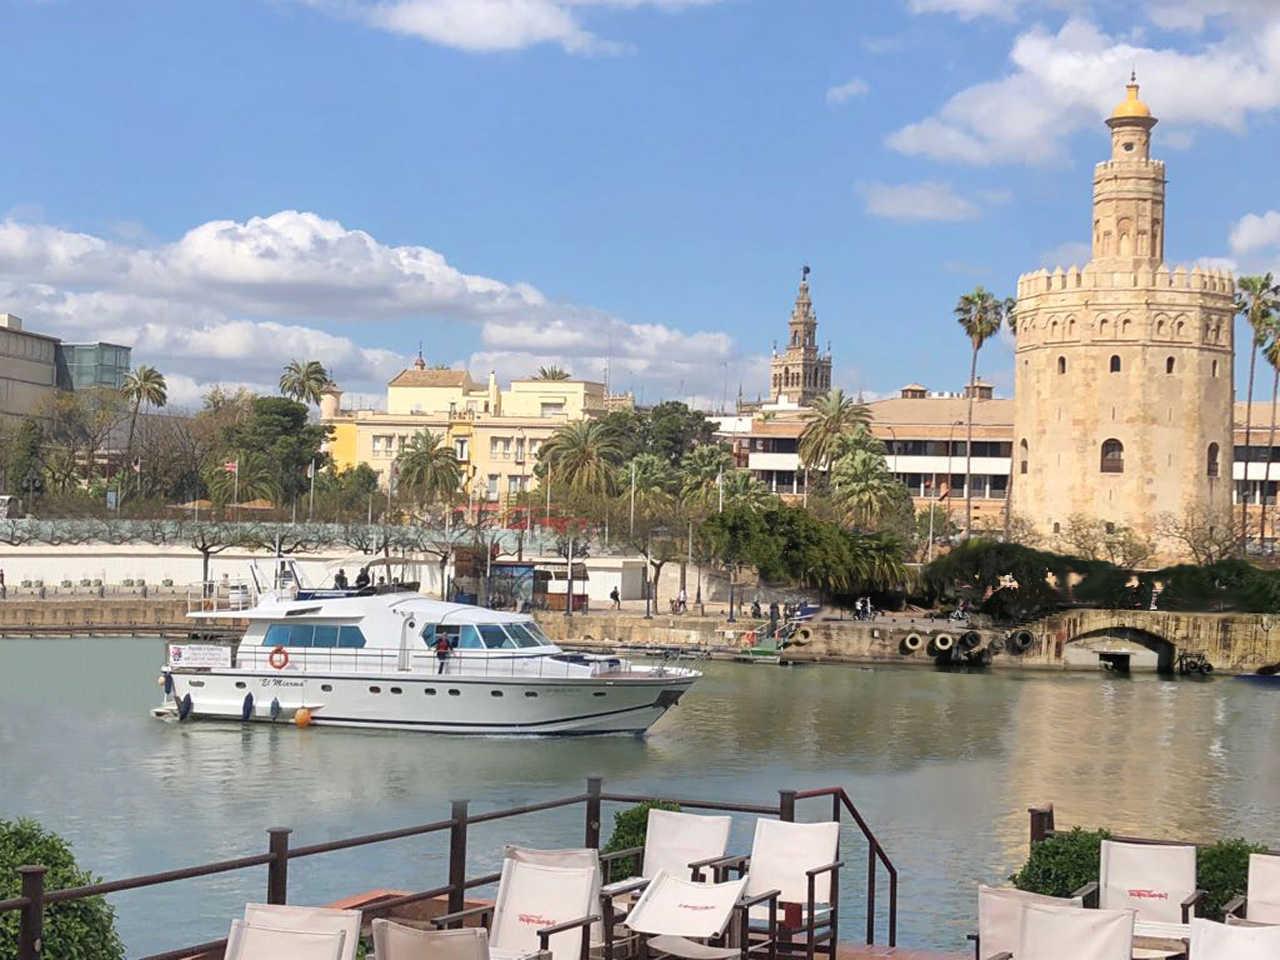 Crucero en exclusivo yate por el Guadalquivir